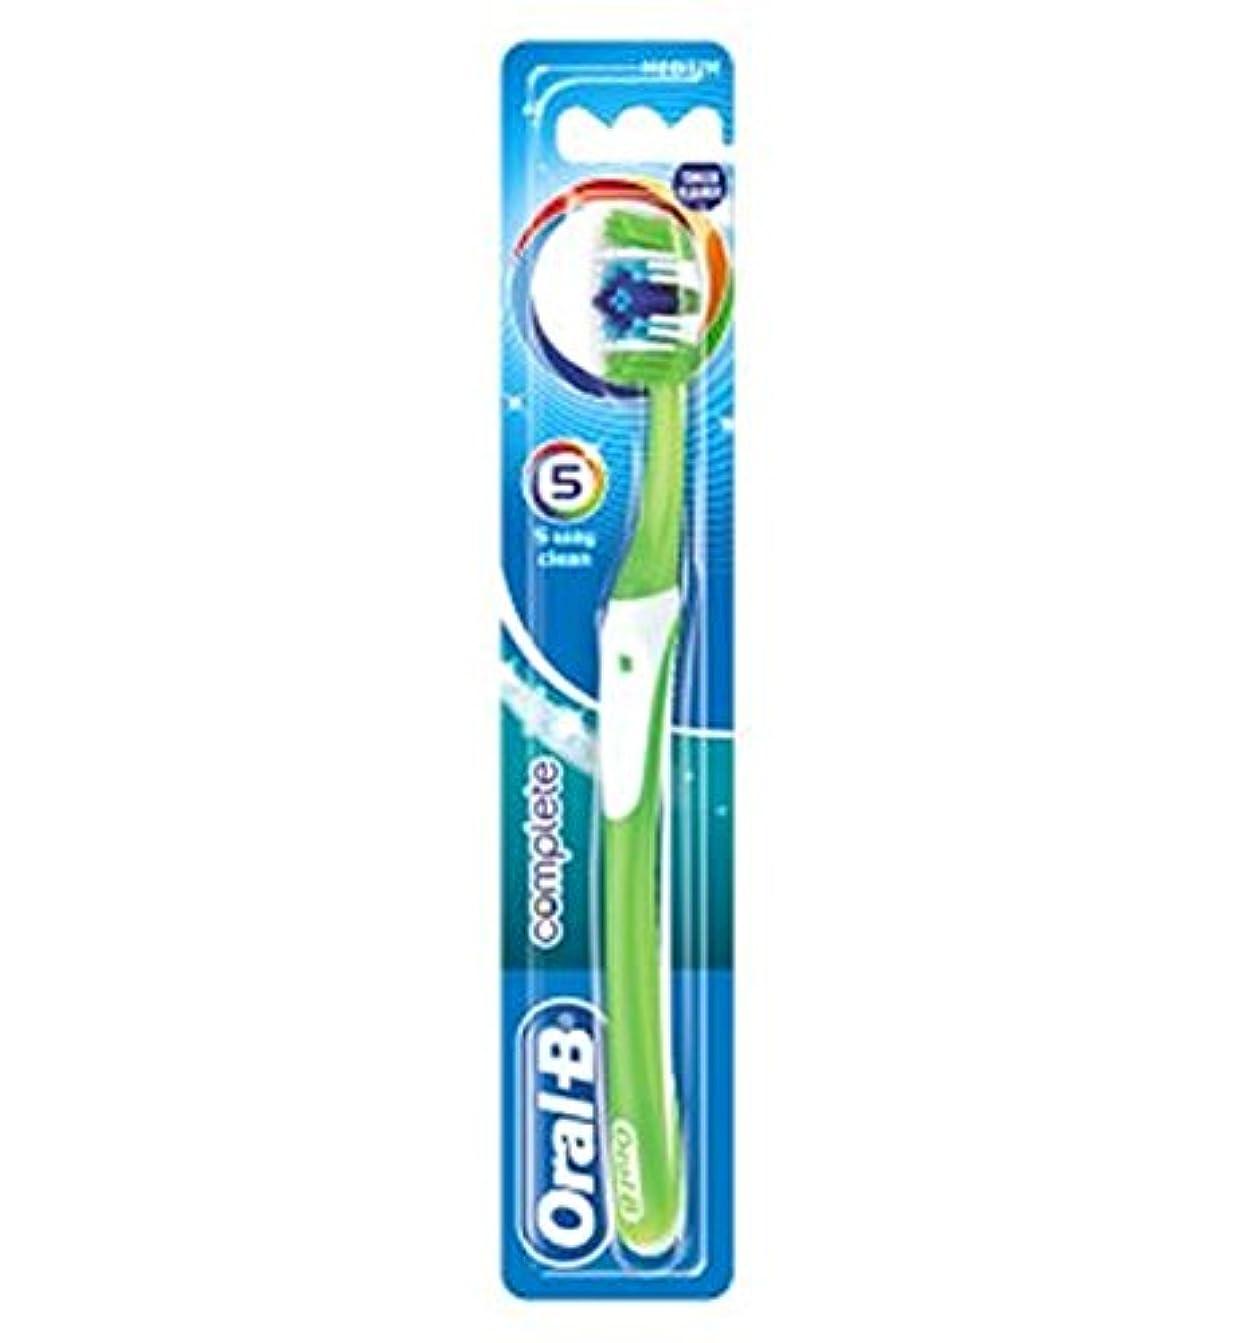 博物館年エレベーターOral-B Complete 5 Way Clean Medium Manual Toothbrush - オーラルBの完全な5道クリーンなメディアの手動歯ブラシ (Oral B) [並行輸入品]